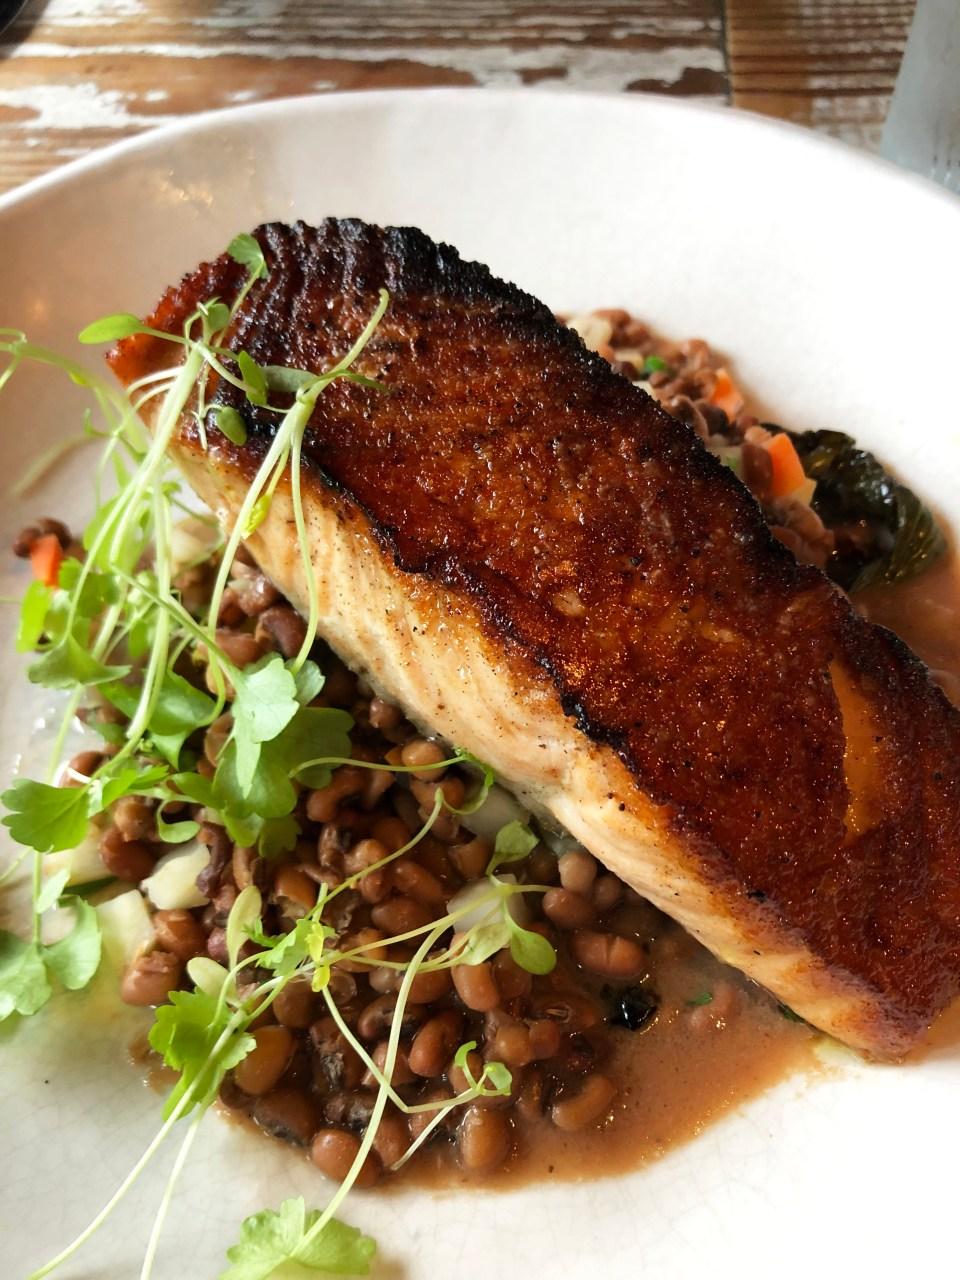 South Main Kitchen - Salmon